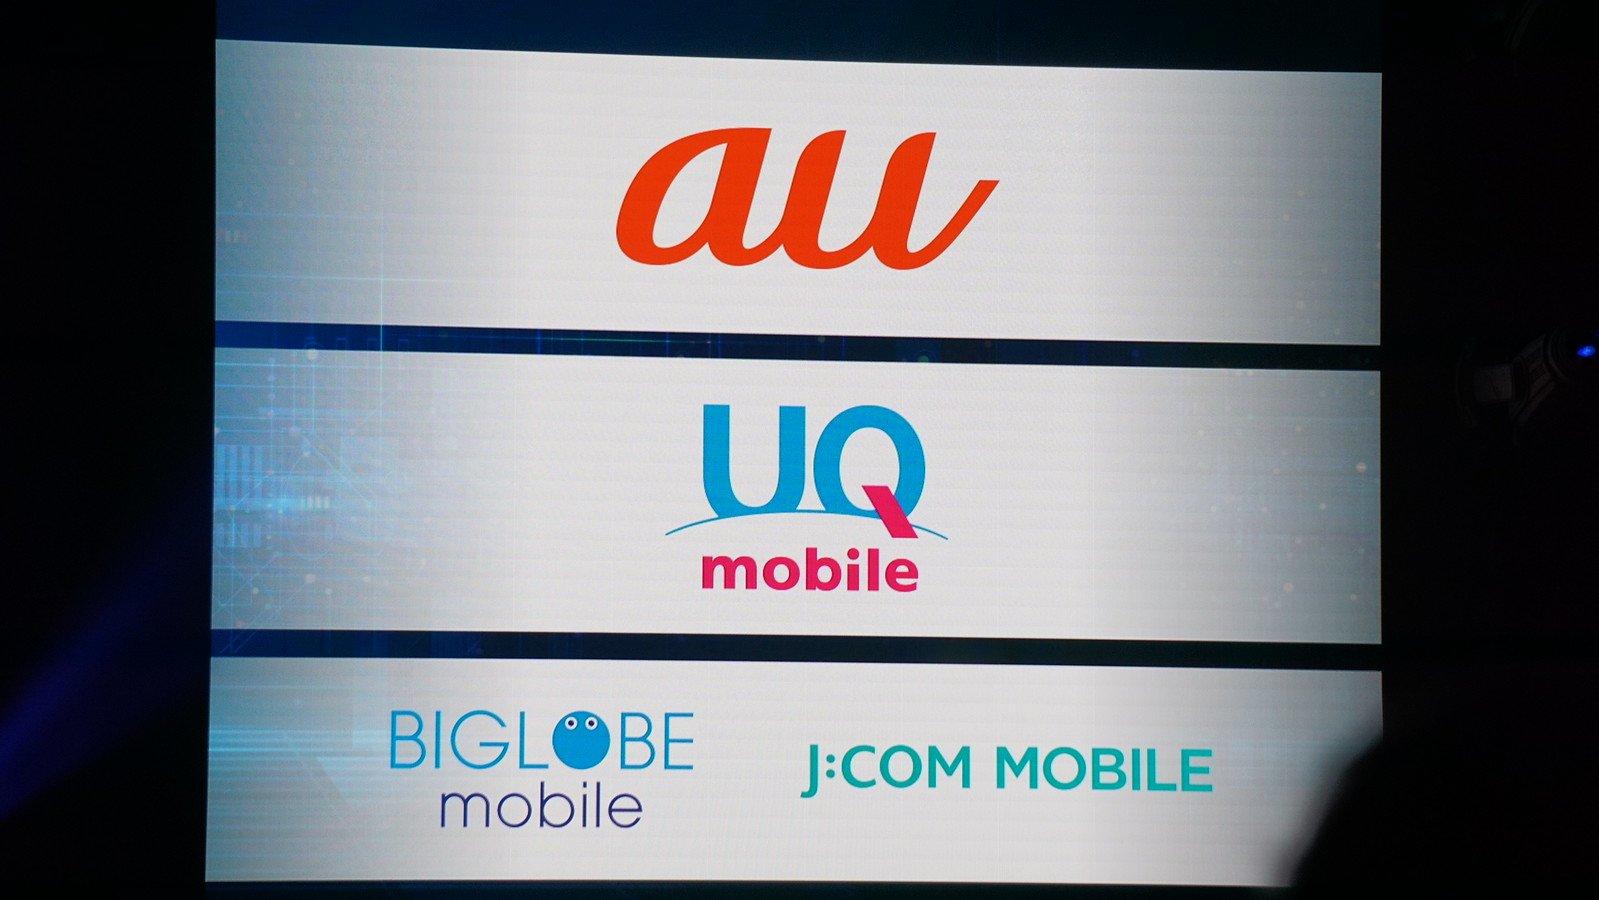 UQ mobile、20GB・月額4,000円以下の新料金プラン投入か。auは値下げせず